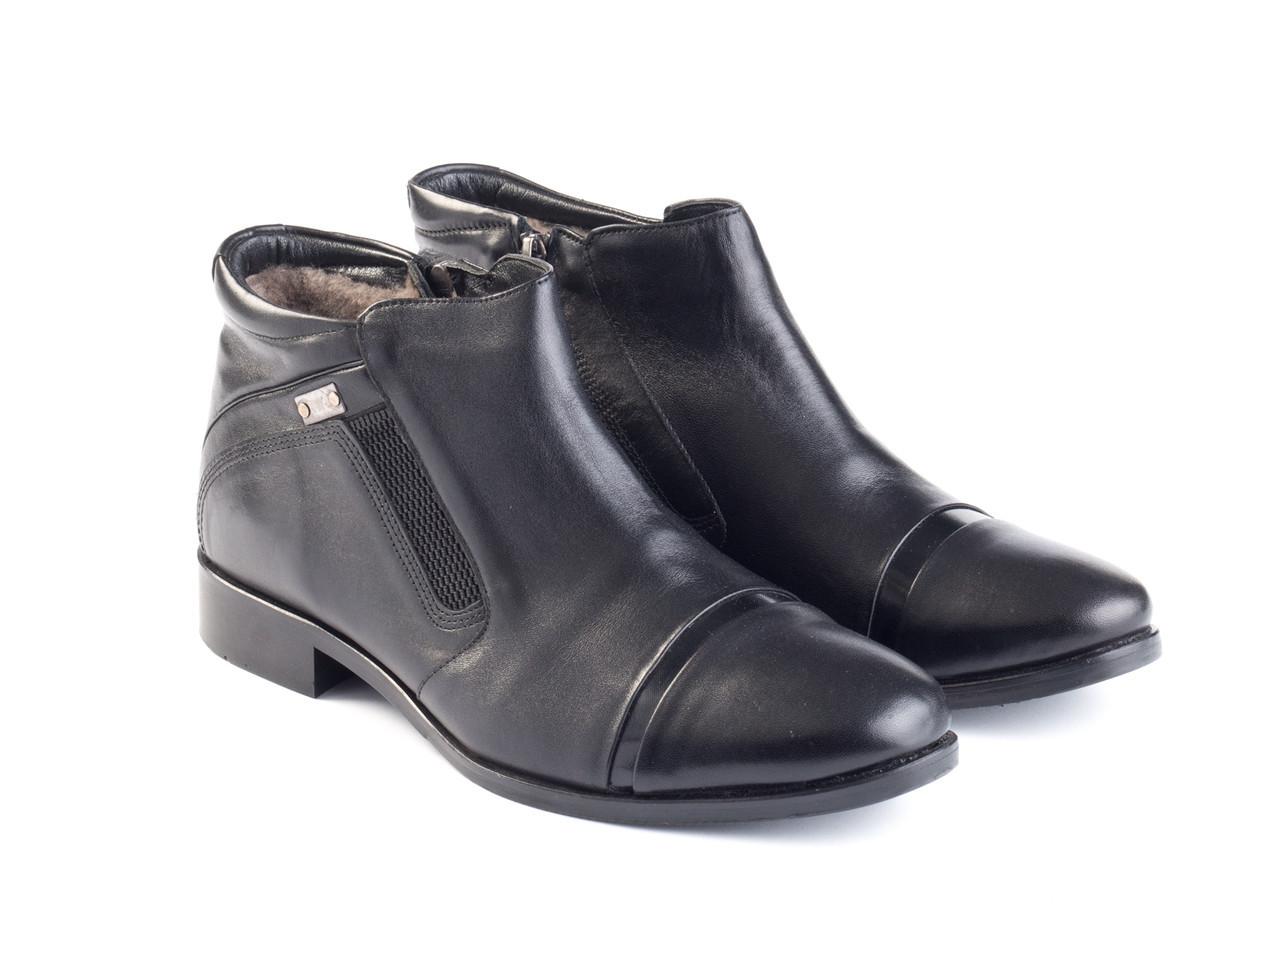 Ботинки Etor 9529-636 43 черные